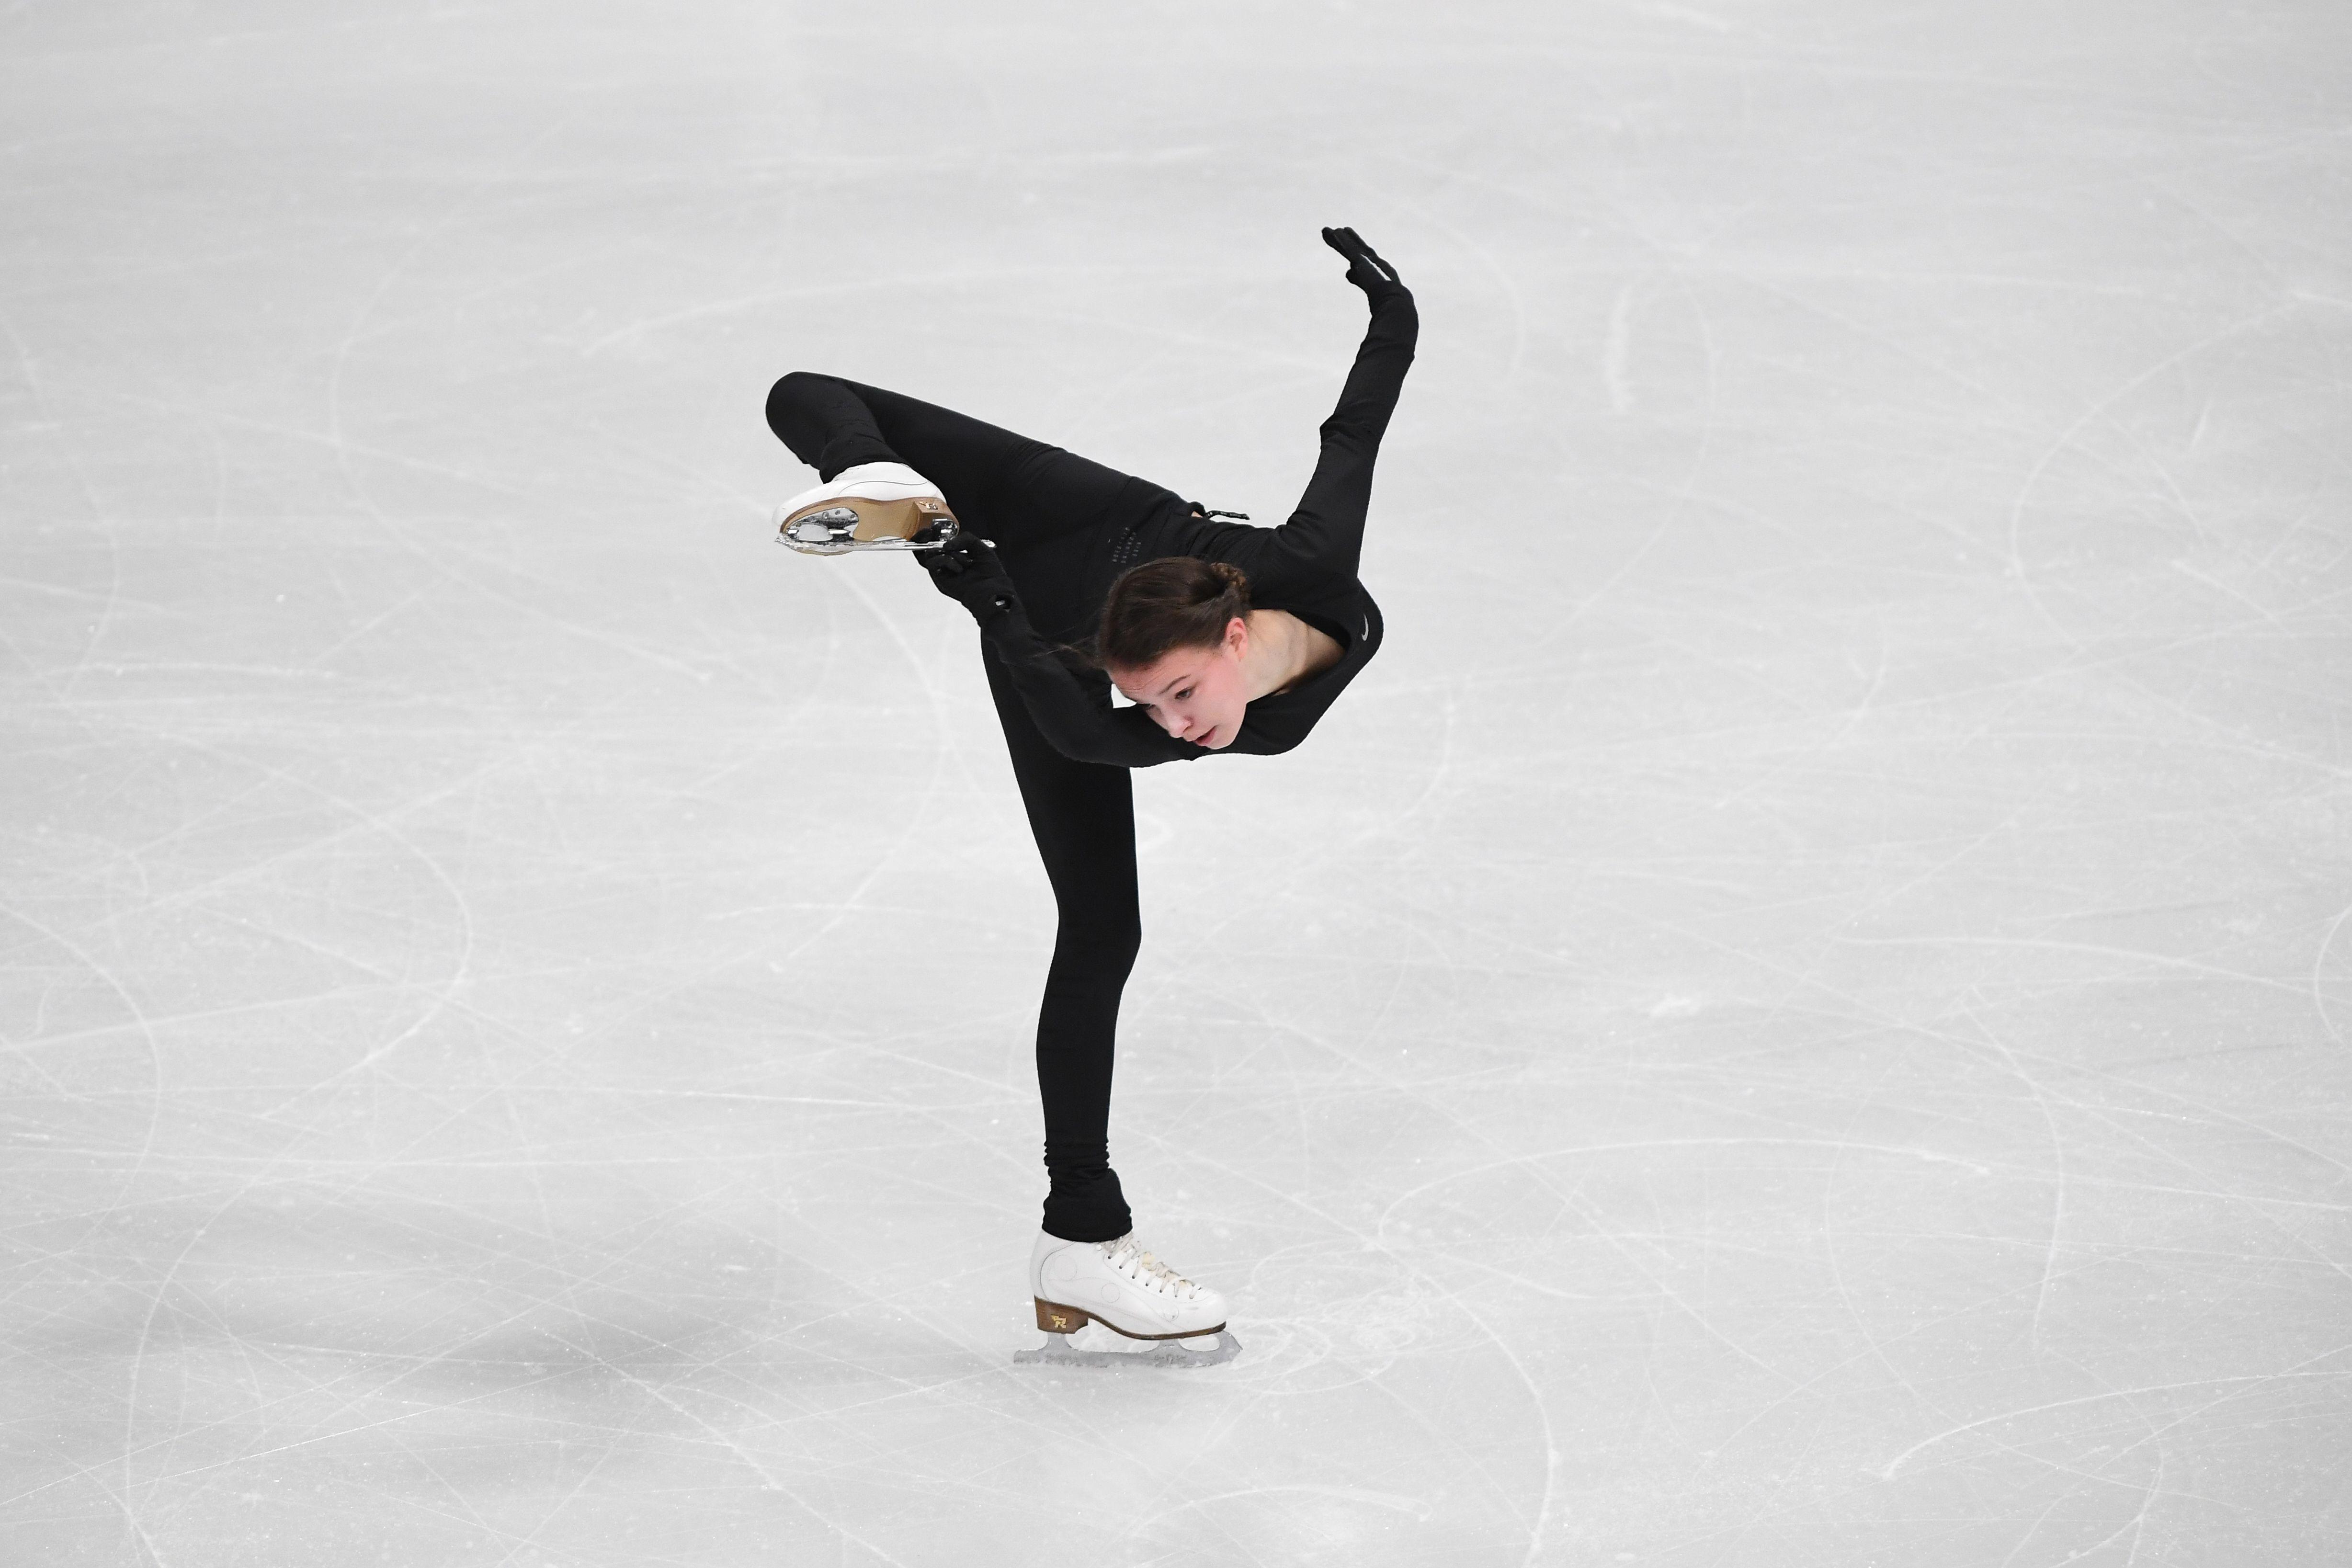 Щербакова дважды упала с четверных прыжков на тренировке в Стокгольме. ВИДЕО